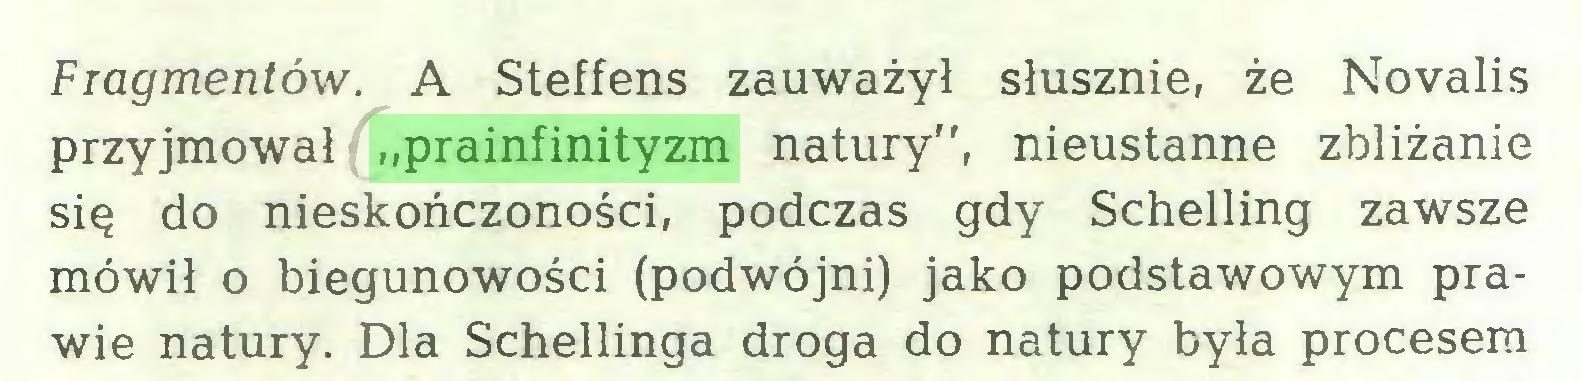 """(...) Fragmentów. A Steffens zauważył słusznie, że Novalis przyjmował """"prainfinityzm natury"""", nieustanne zbliżanie się do nieskończoności, podczas gdy Schelling zawsze mówił o biegunowości (podwójni) jako podstawowym prawie natury. Dla Schellinga droga do natury była procesem..."""